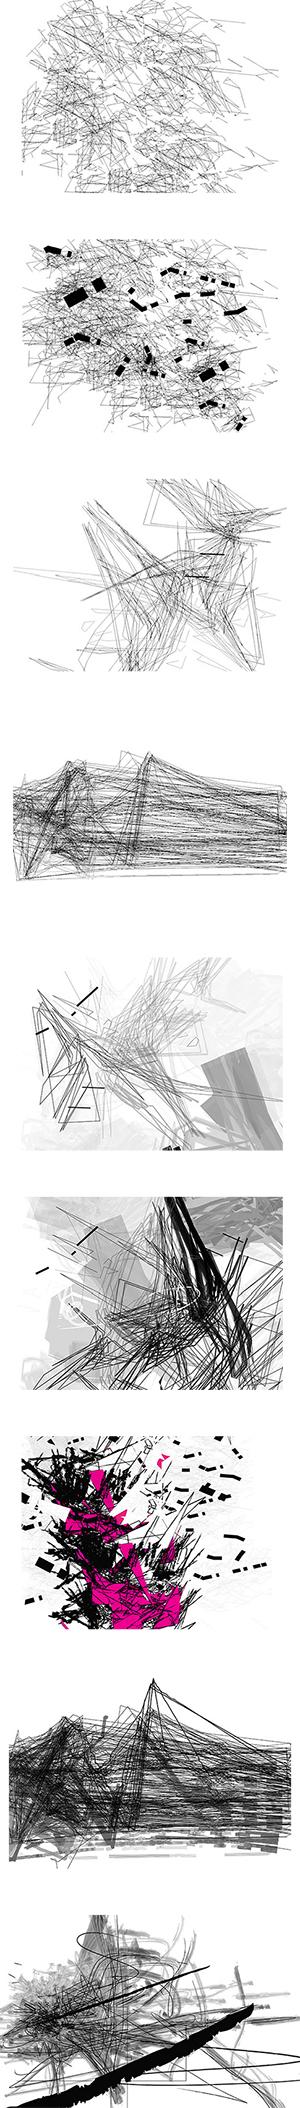 Anthokosmos_proceso_3_partituras_tactiles-1